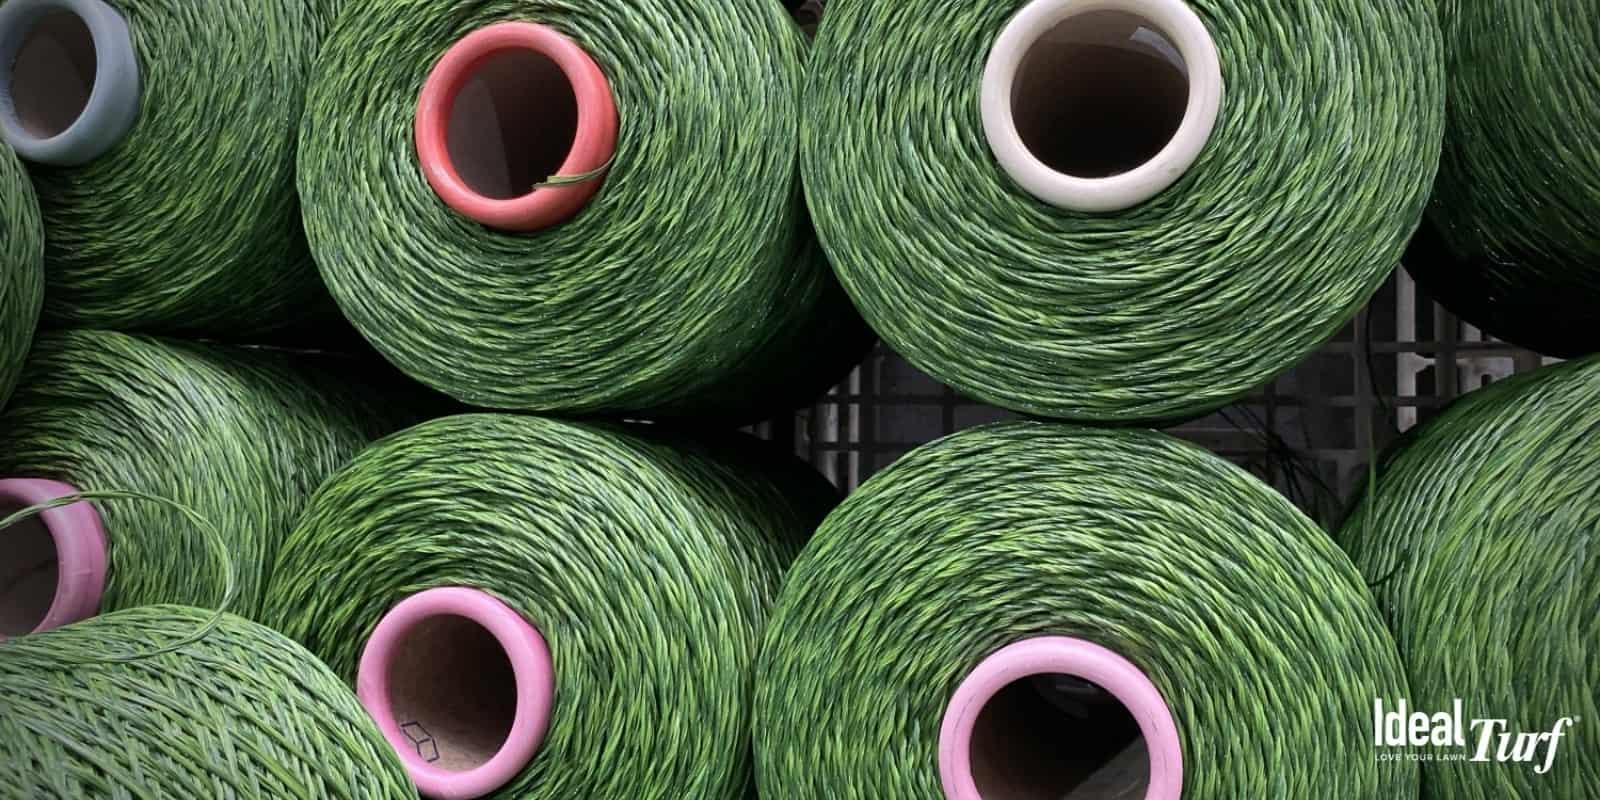 Large spools of turf yarn fibers